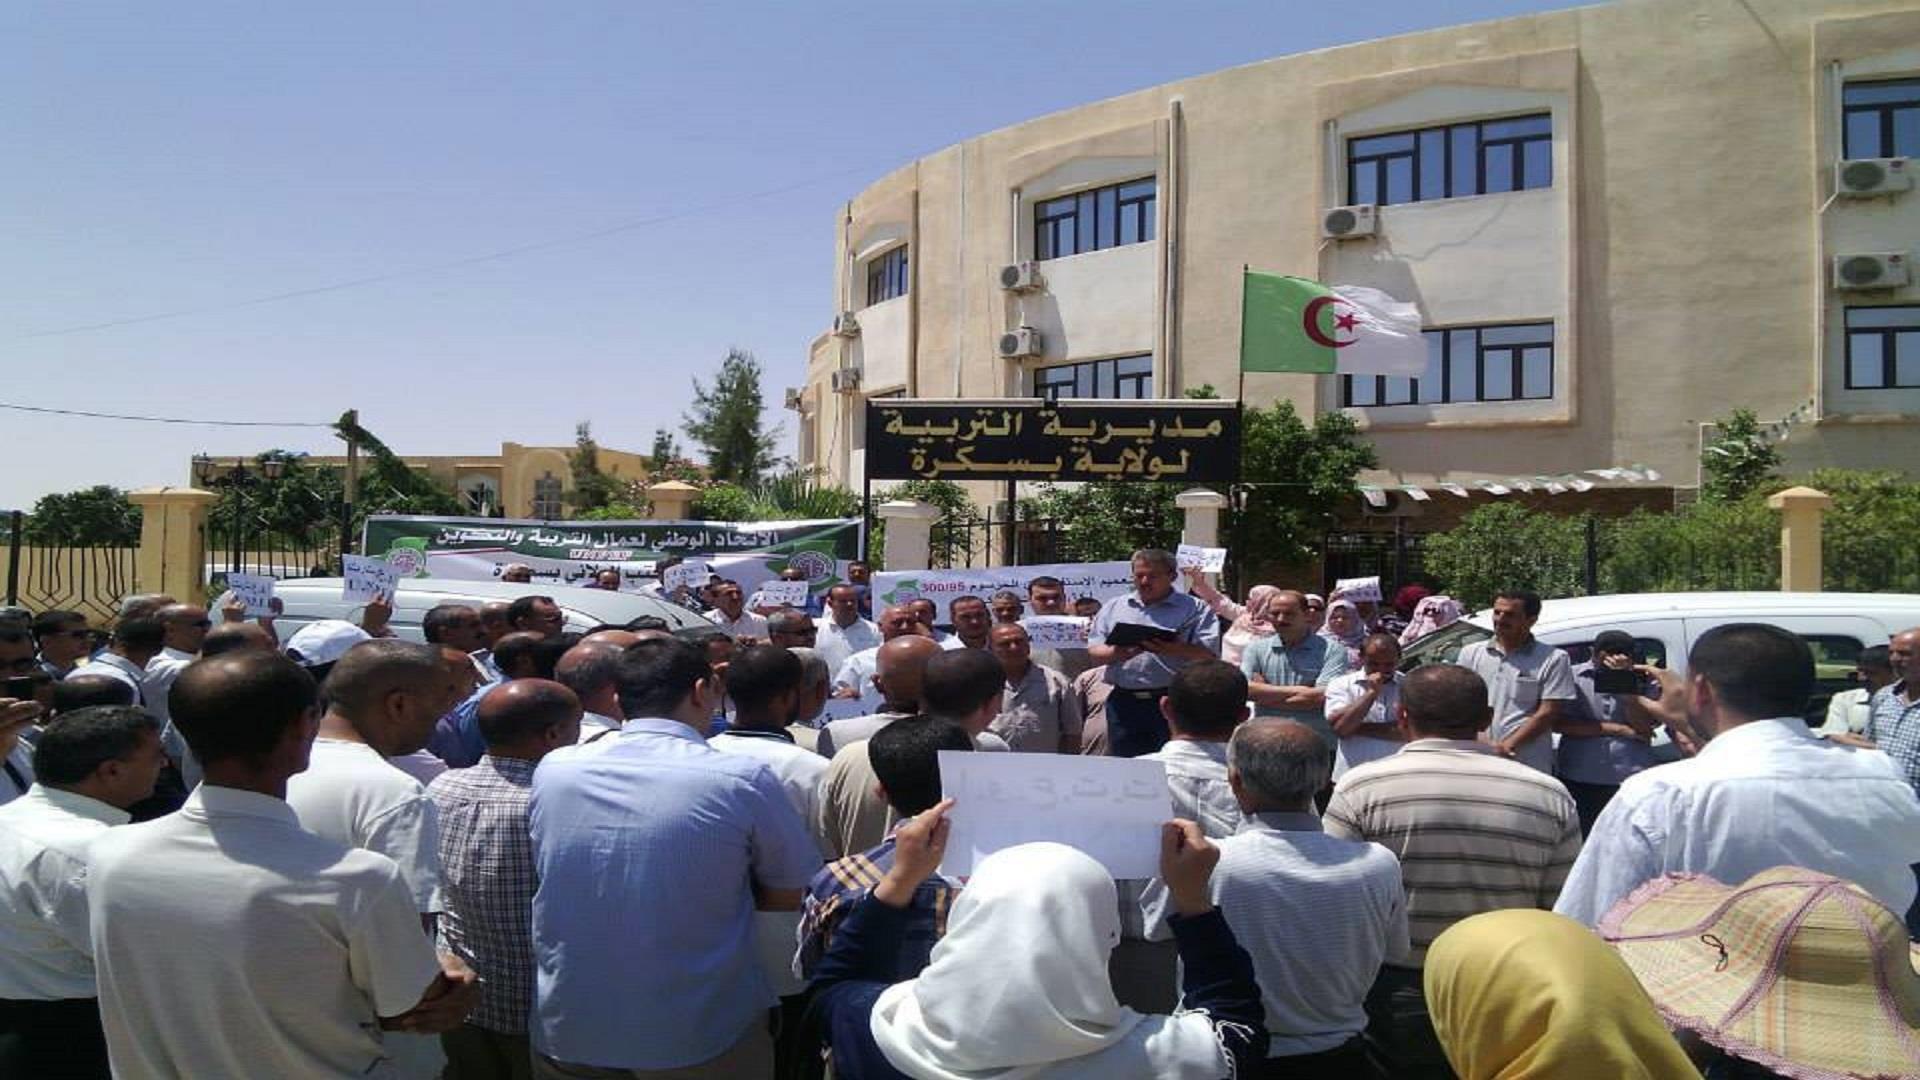 الجزائر: إضراب يشل قطاع التعليم